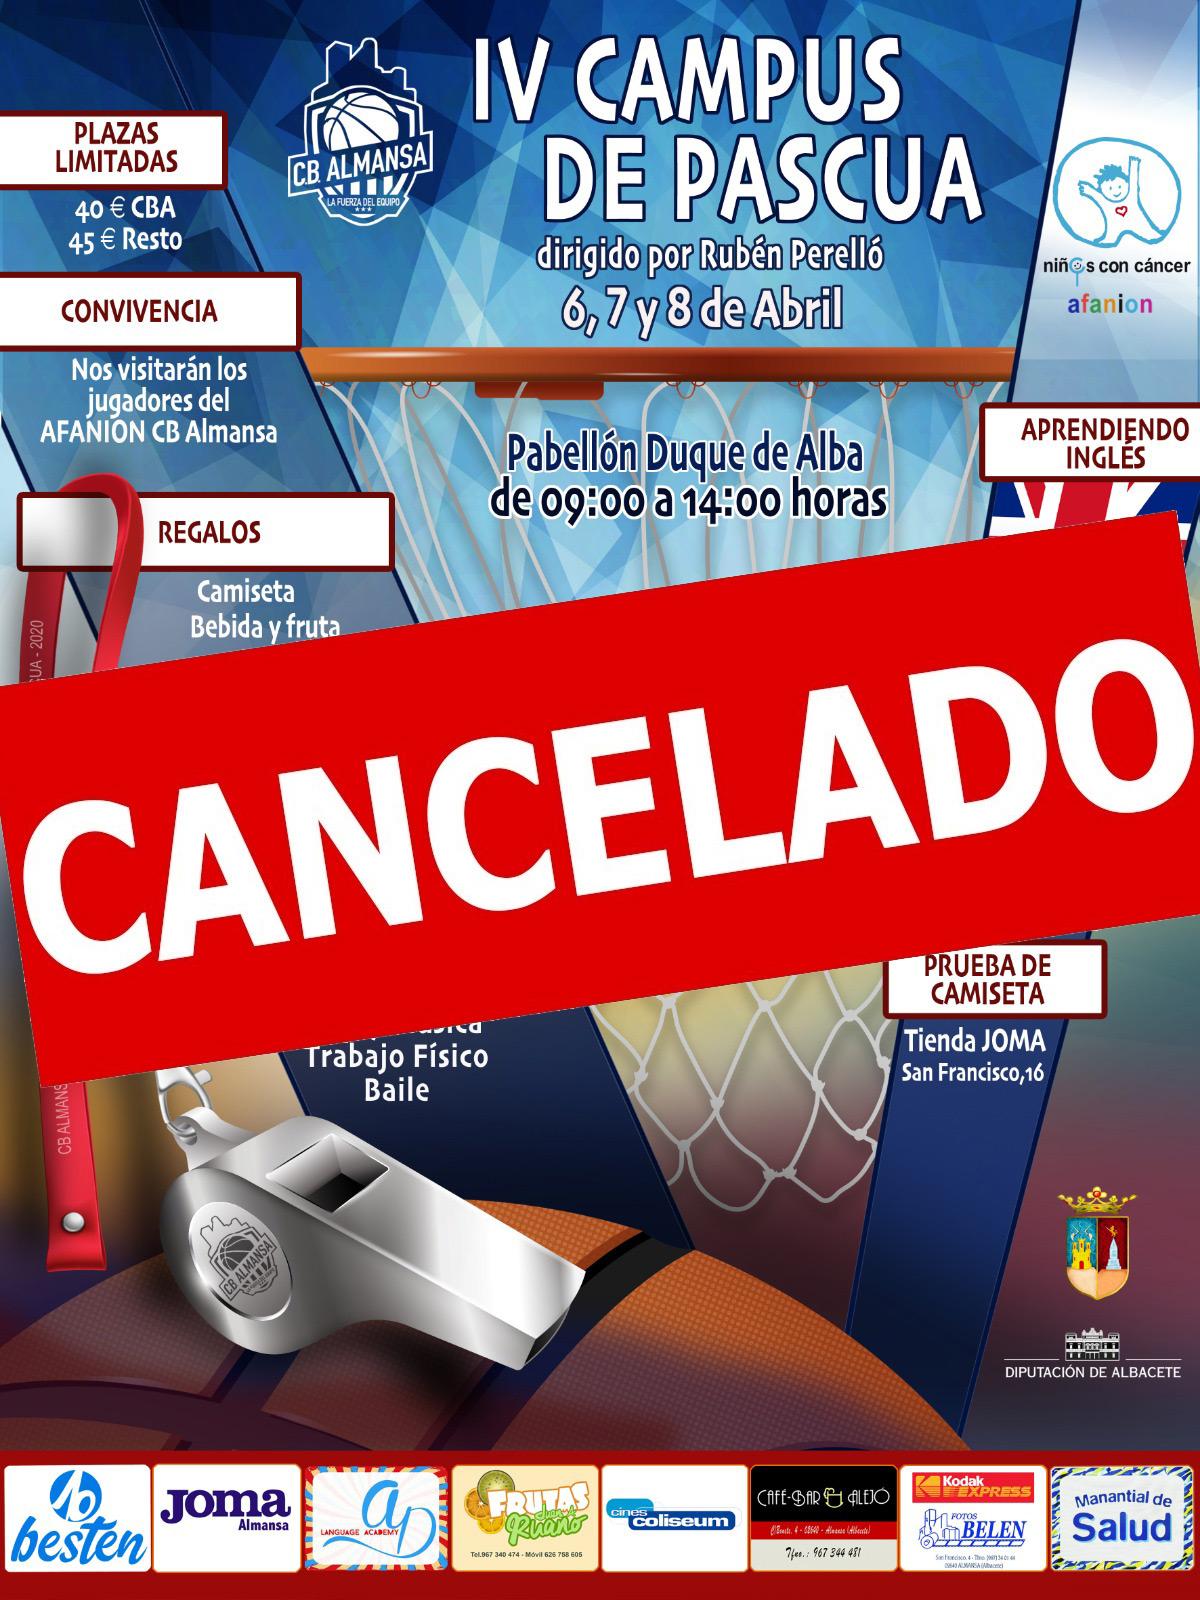 IV Campus de Pascua Cancelado